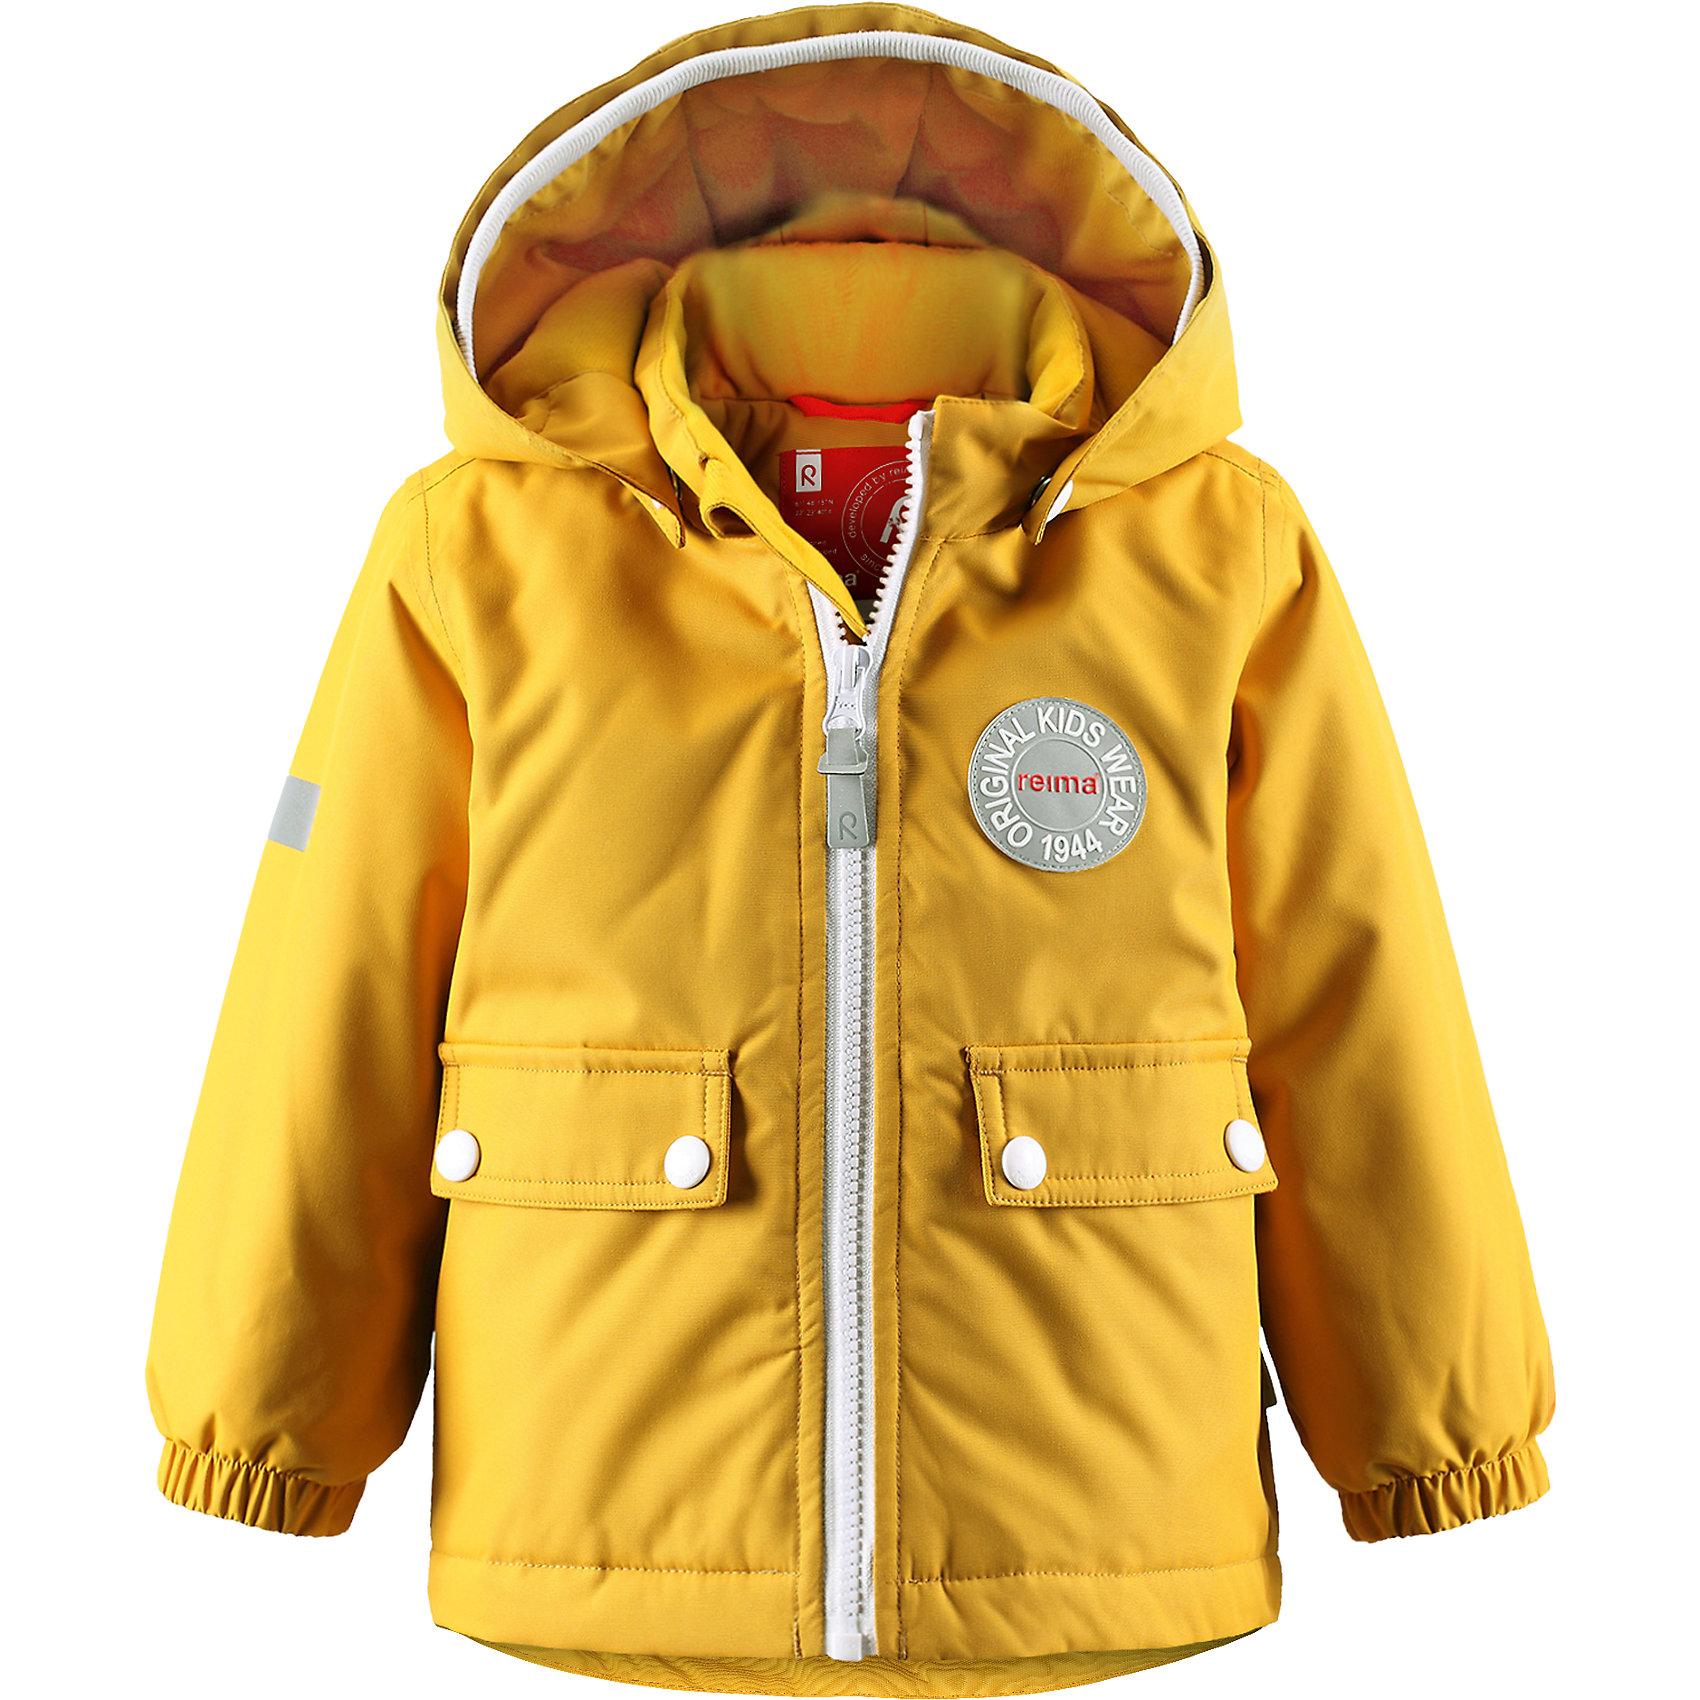 Куртка Quilt ReimaКуртка  Reima<br>Зимняя куртка для малышей. Основные швы проклеены и не пропускают влагу. Водоотталкивающий, ветронепроницаемый, «дышащий» и грязеотталкивающий материал. Теплая стеганая подкладка. Безопасный, съемный капюшон. Мягкая резинка на кромке капюшона. Эластичные манжеты. Удлиненный подол сзади. Два кармана с клапанами. Безопасные светоотражающие детали.<br>Утеплитель: Reima® Soft Loft insulation,160 g<br>Уход:<br>Стирать по отдельности, вывернув наизнанку. Застегнуть молнии и липучки. Стирать моющим средством, не содержащим отбеливающие вещества. Полоскать без специального средства. Во избежание изменения цвета изделие необходимо вынуть из стиральной машинки незамедлительно после окончания программы стирки. Сушить при низкой температуре.<br>Состав:<br>100% Полиамид, полиуретановое покрытие<br><br>Ширина мм: 356<br>Глубина мм: 10<br>Высота мм: 245<br>Вес г: 519<br>Цвет: желтый<br>Возраст от месяцев: 18<br>Возраст до месяцев: 24<br>Пол: Унисекс<br>Возраст: Детский<br>Размер: 92,80,86,98<br>SKU: 4776061